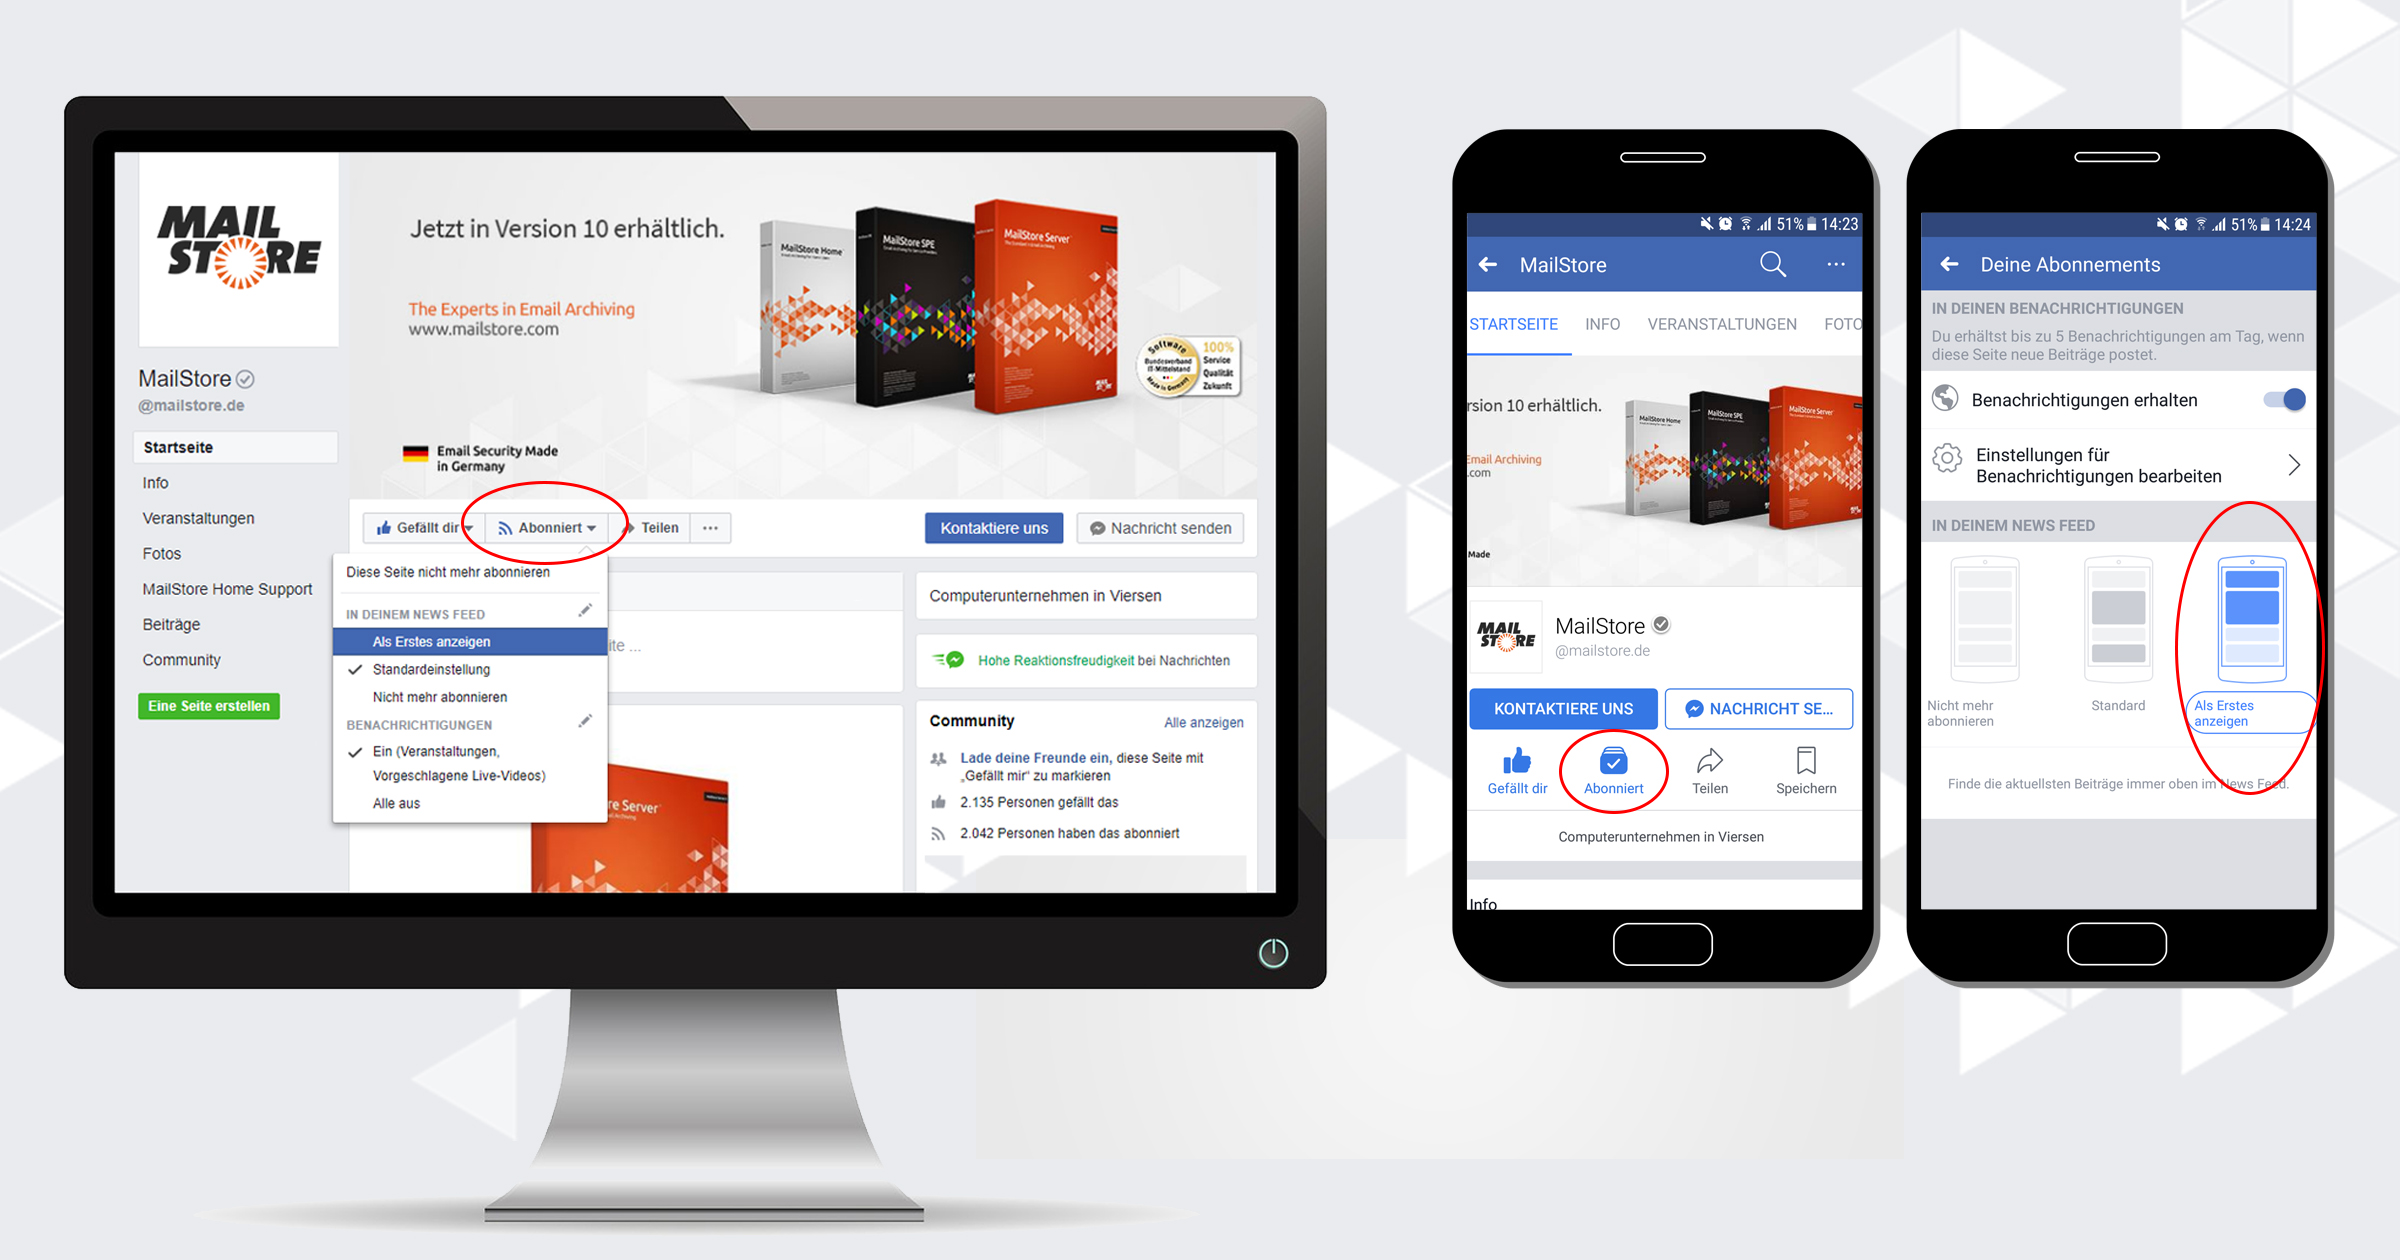 Durch Änderung der Facebook-Einstellungen MailStore News erhalten